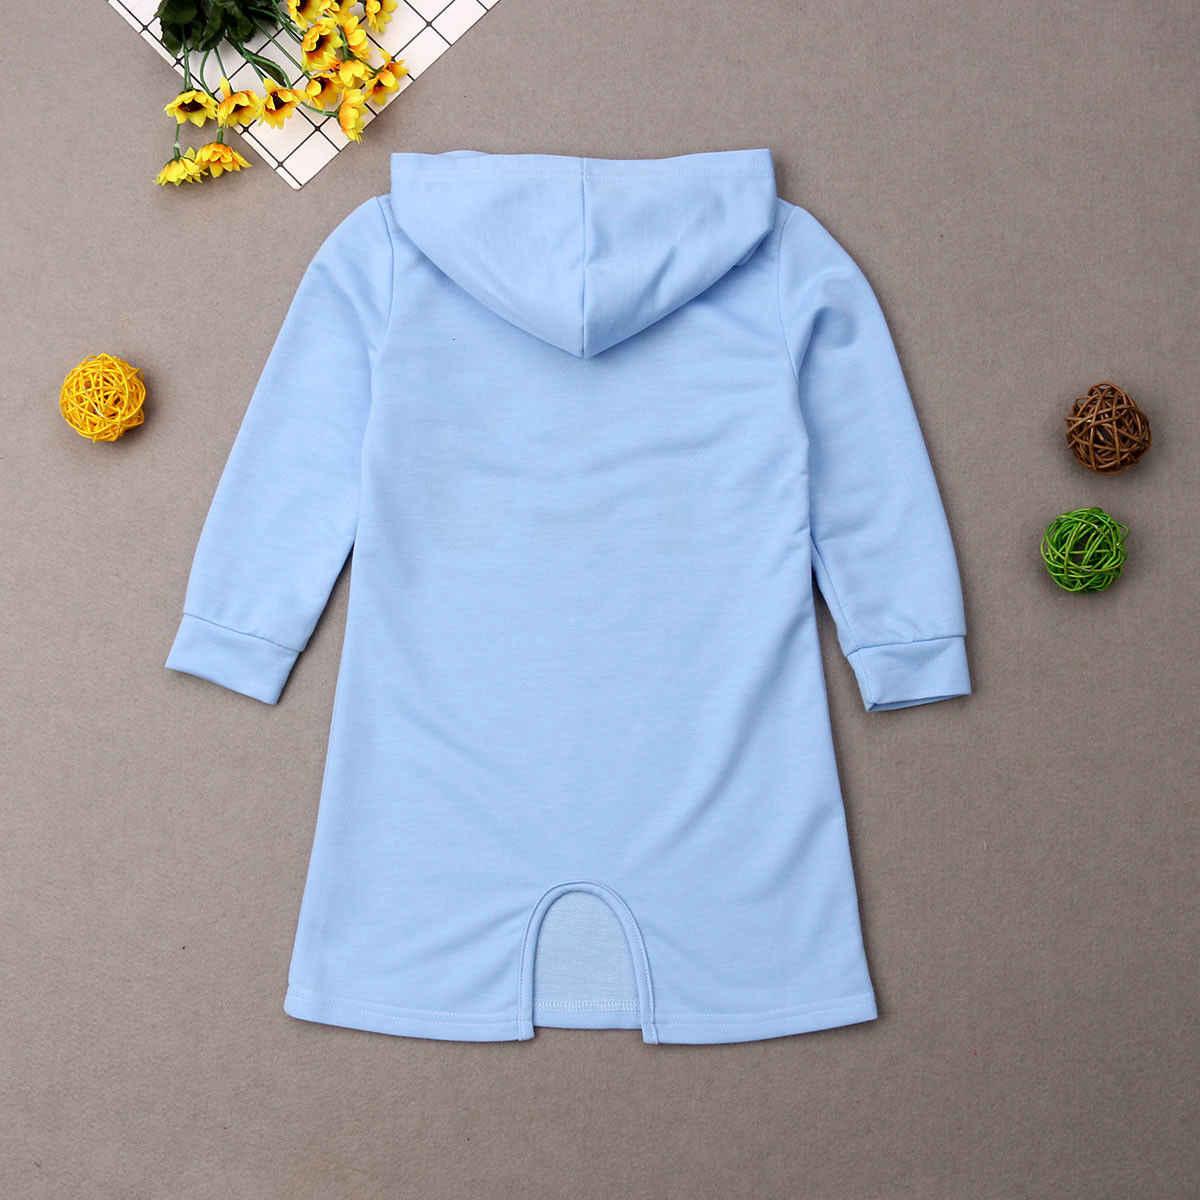 2018 Новое Осеннее Повседневное платье с капюшоном для маленьких девочек пуловер с длинными рукавами и буквенным принтом прямое платье